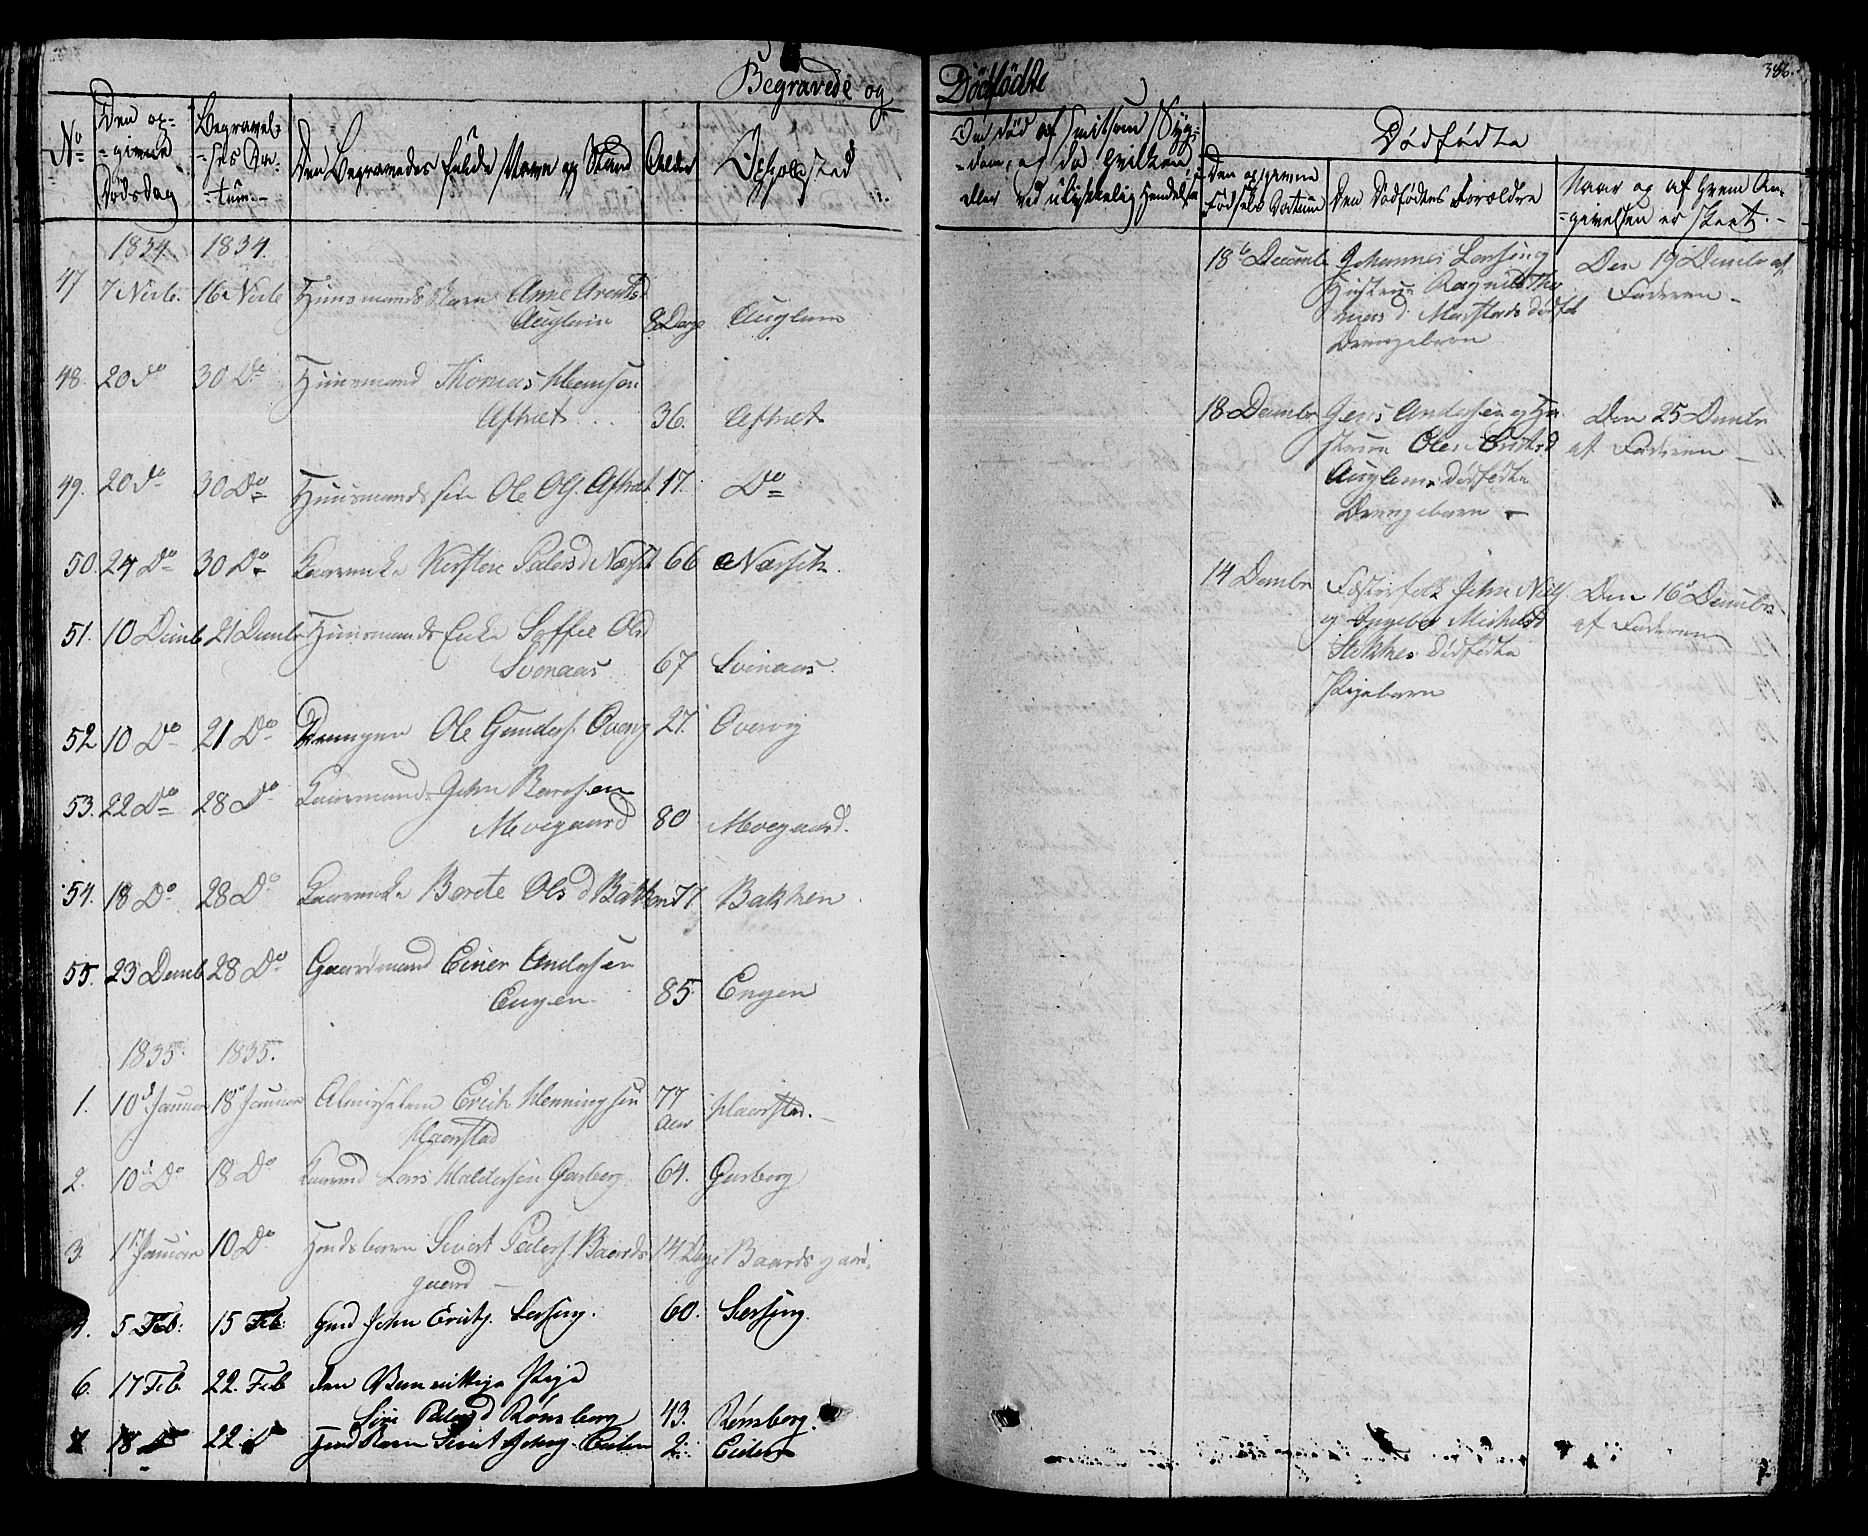 SAT, Ministerialprotokoller, klokkerbøker og fødselsregistre - Sør-Trøndelag, 695/L1143: Ministerialbok nr. 695A05 /1, 1824-1842, s. 386